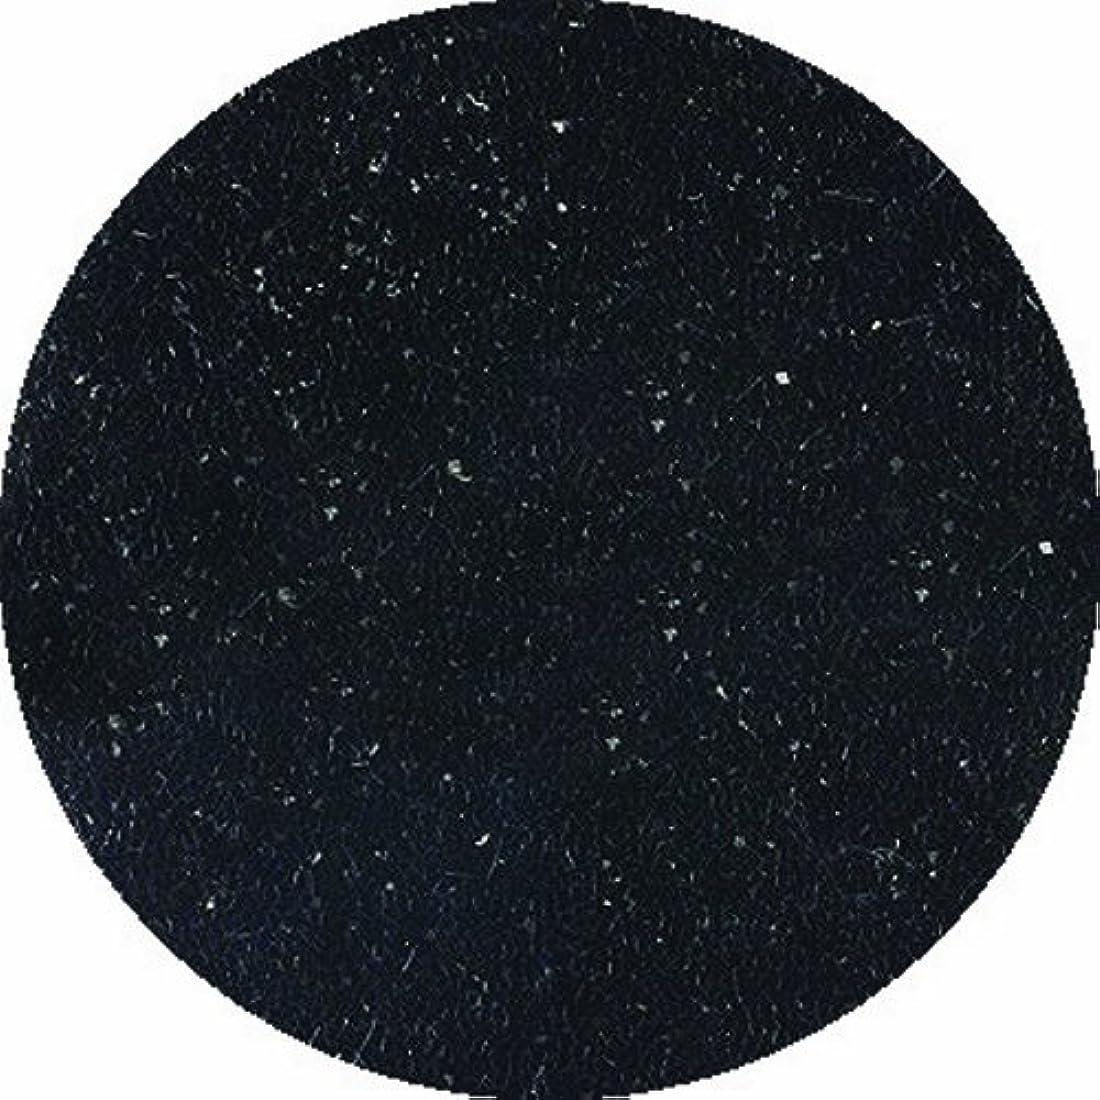 一元化するわかる区画ビューティーネイラー ネイル用パウダー 黒崎えり子 ジュエリーコレクション ブラック0.05mm